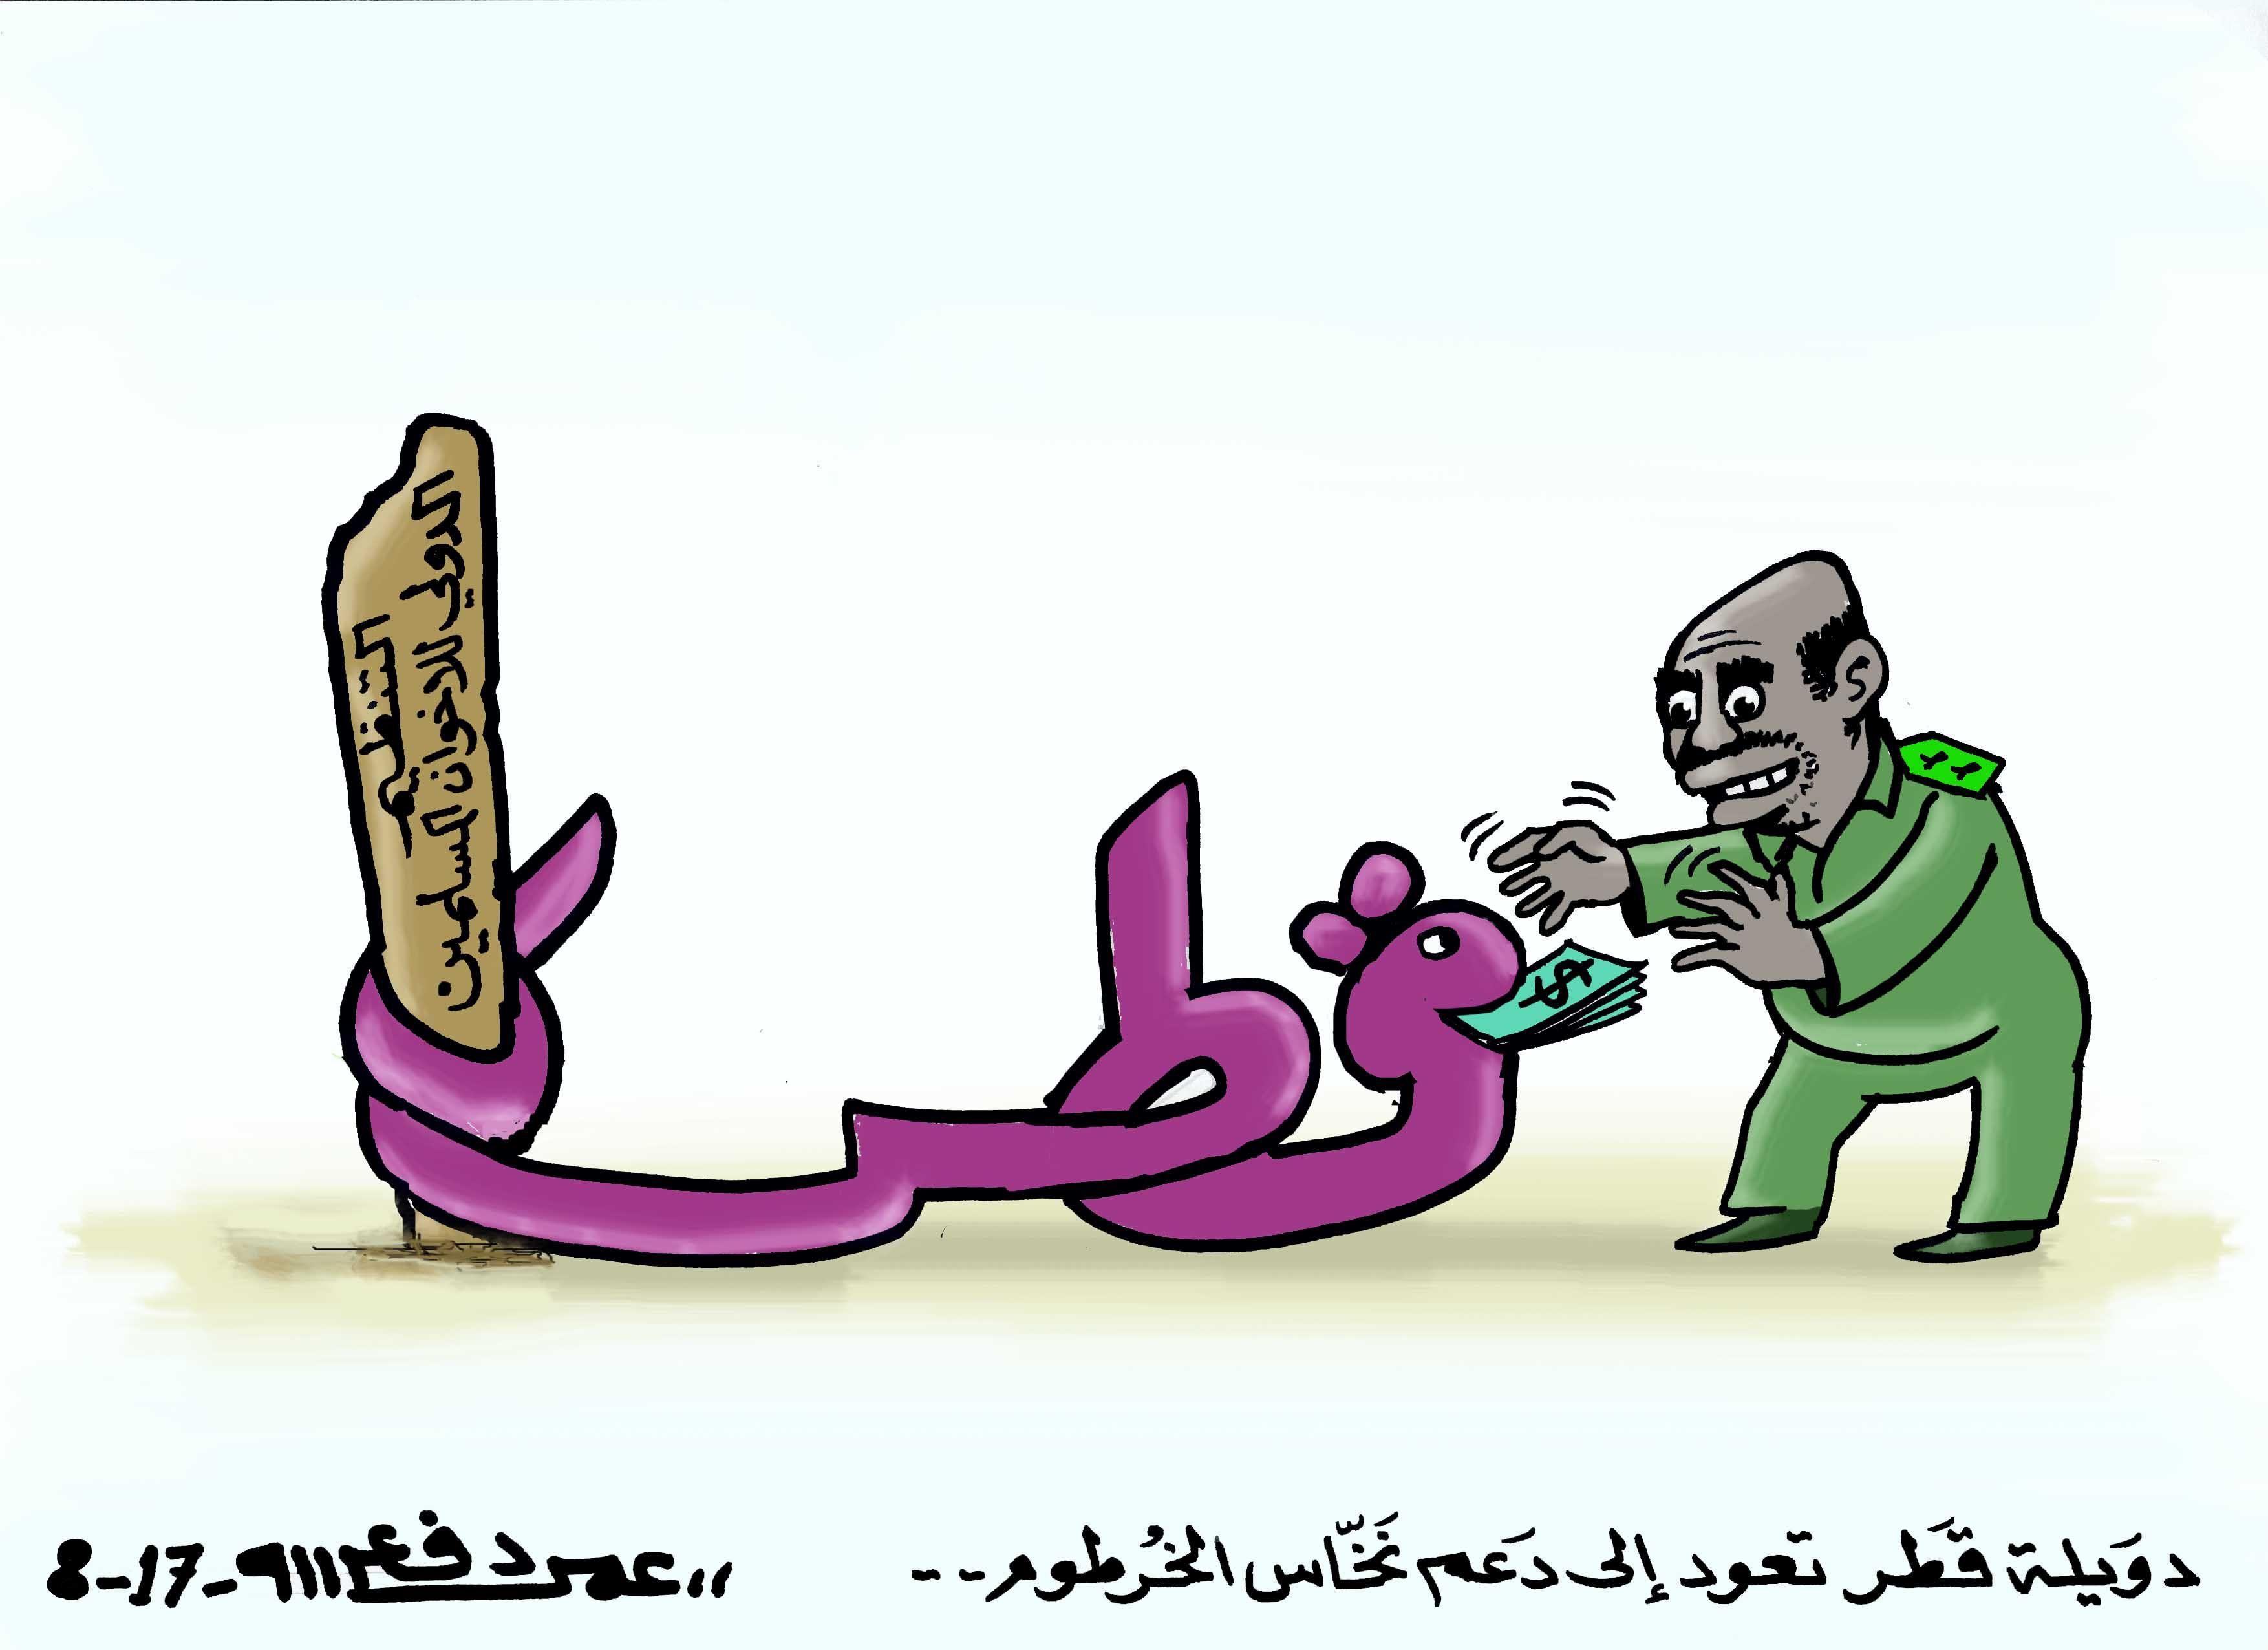 كاركاتير اليوم الموافق 22 اغسطس 2017 للفنان عمر دفع الله